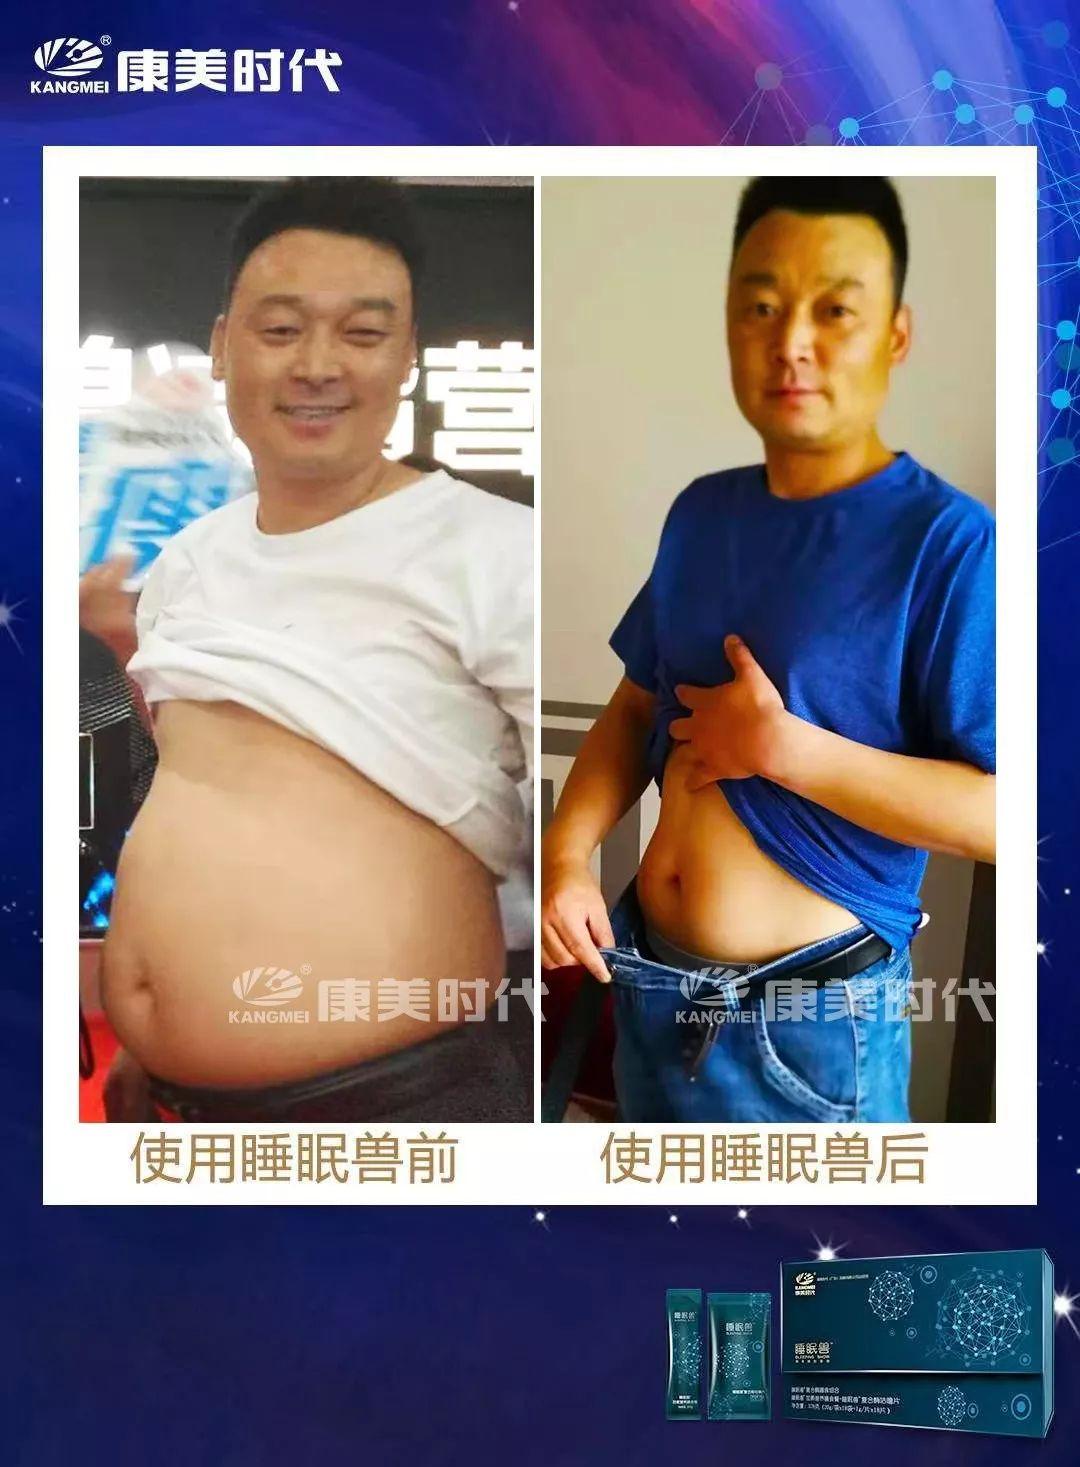 2个月减重25斤,瘦了8个月都没反弹,秘诀竟是?